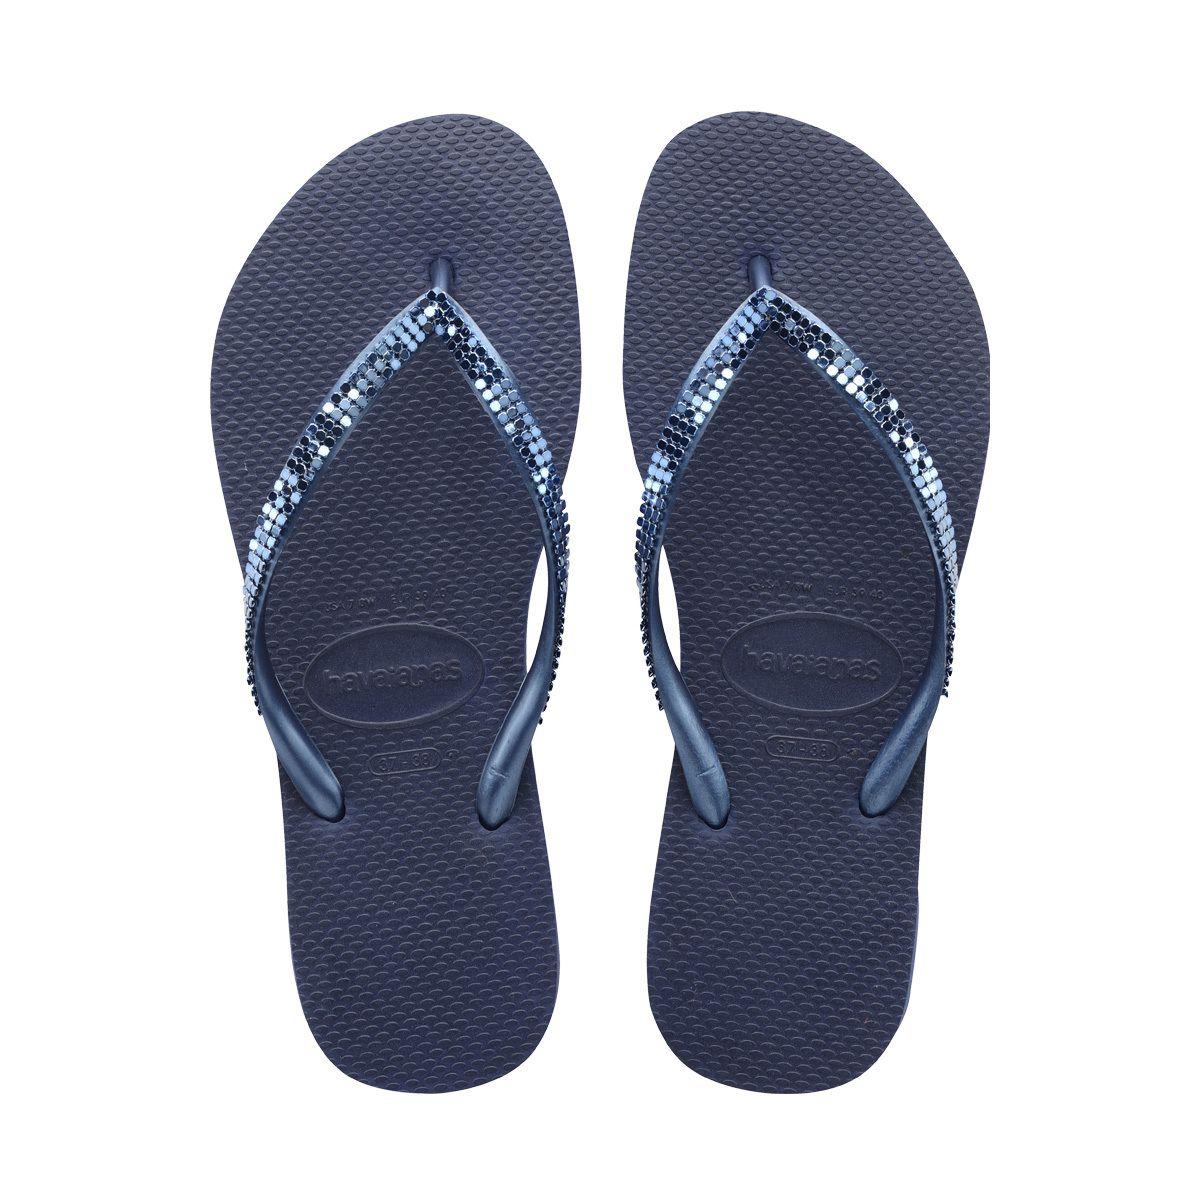 0f3c9b852f3 Womens slim metal mesh navy blue womens sandals havaianas jpg 1200x1200 Navy  blue womens sandals